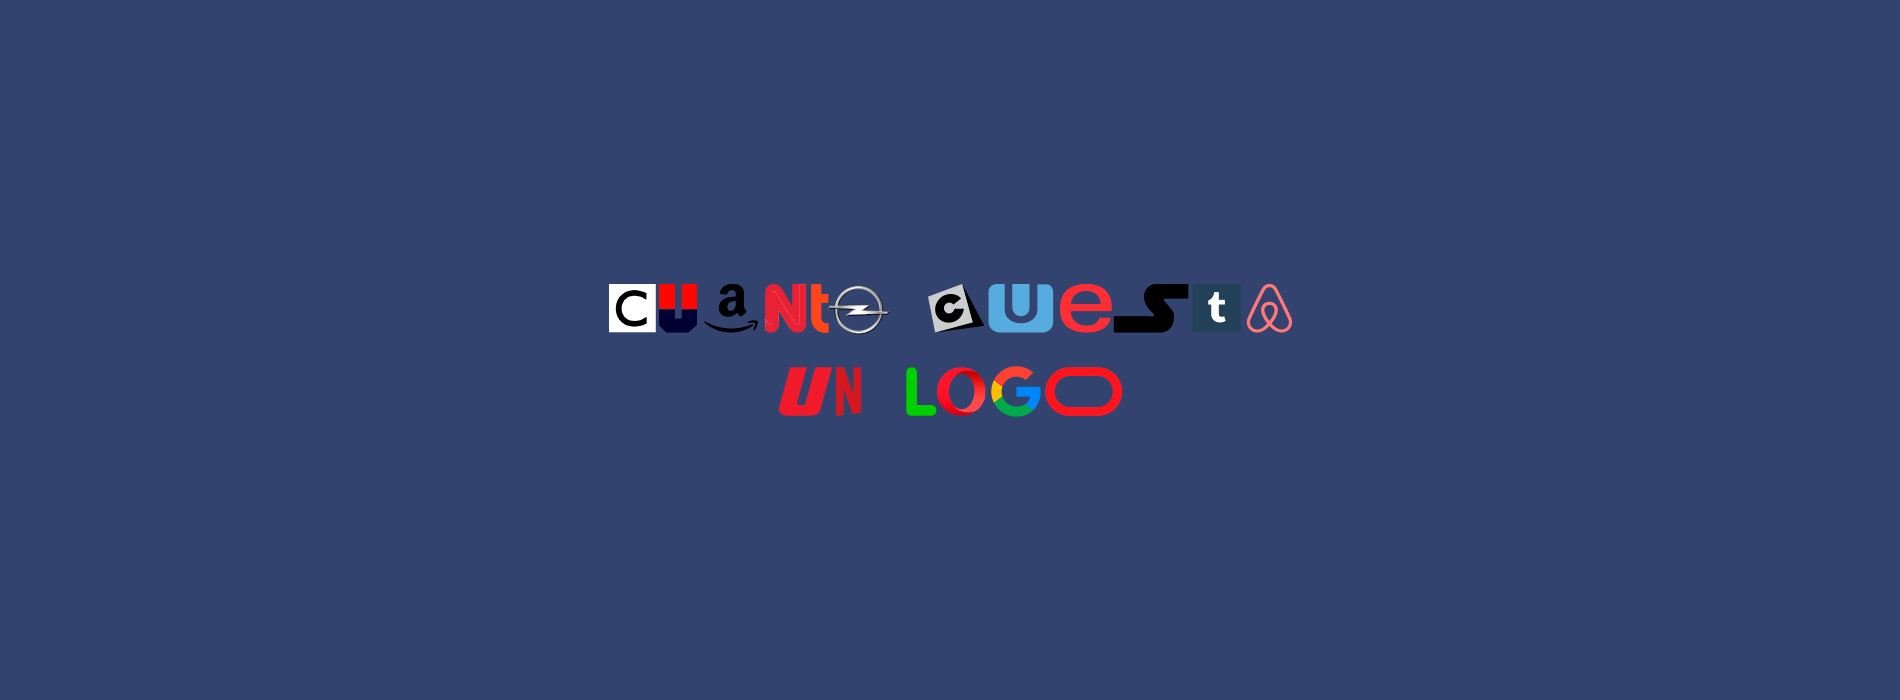 Cu nto cuesta un logo la eterna pregunta damos cifras - Cuanto cuesta acristalar un porche ...